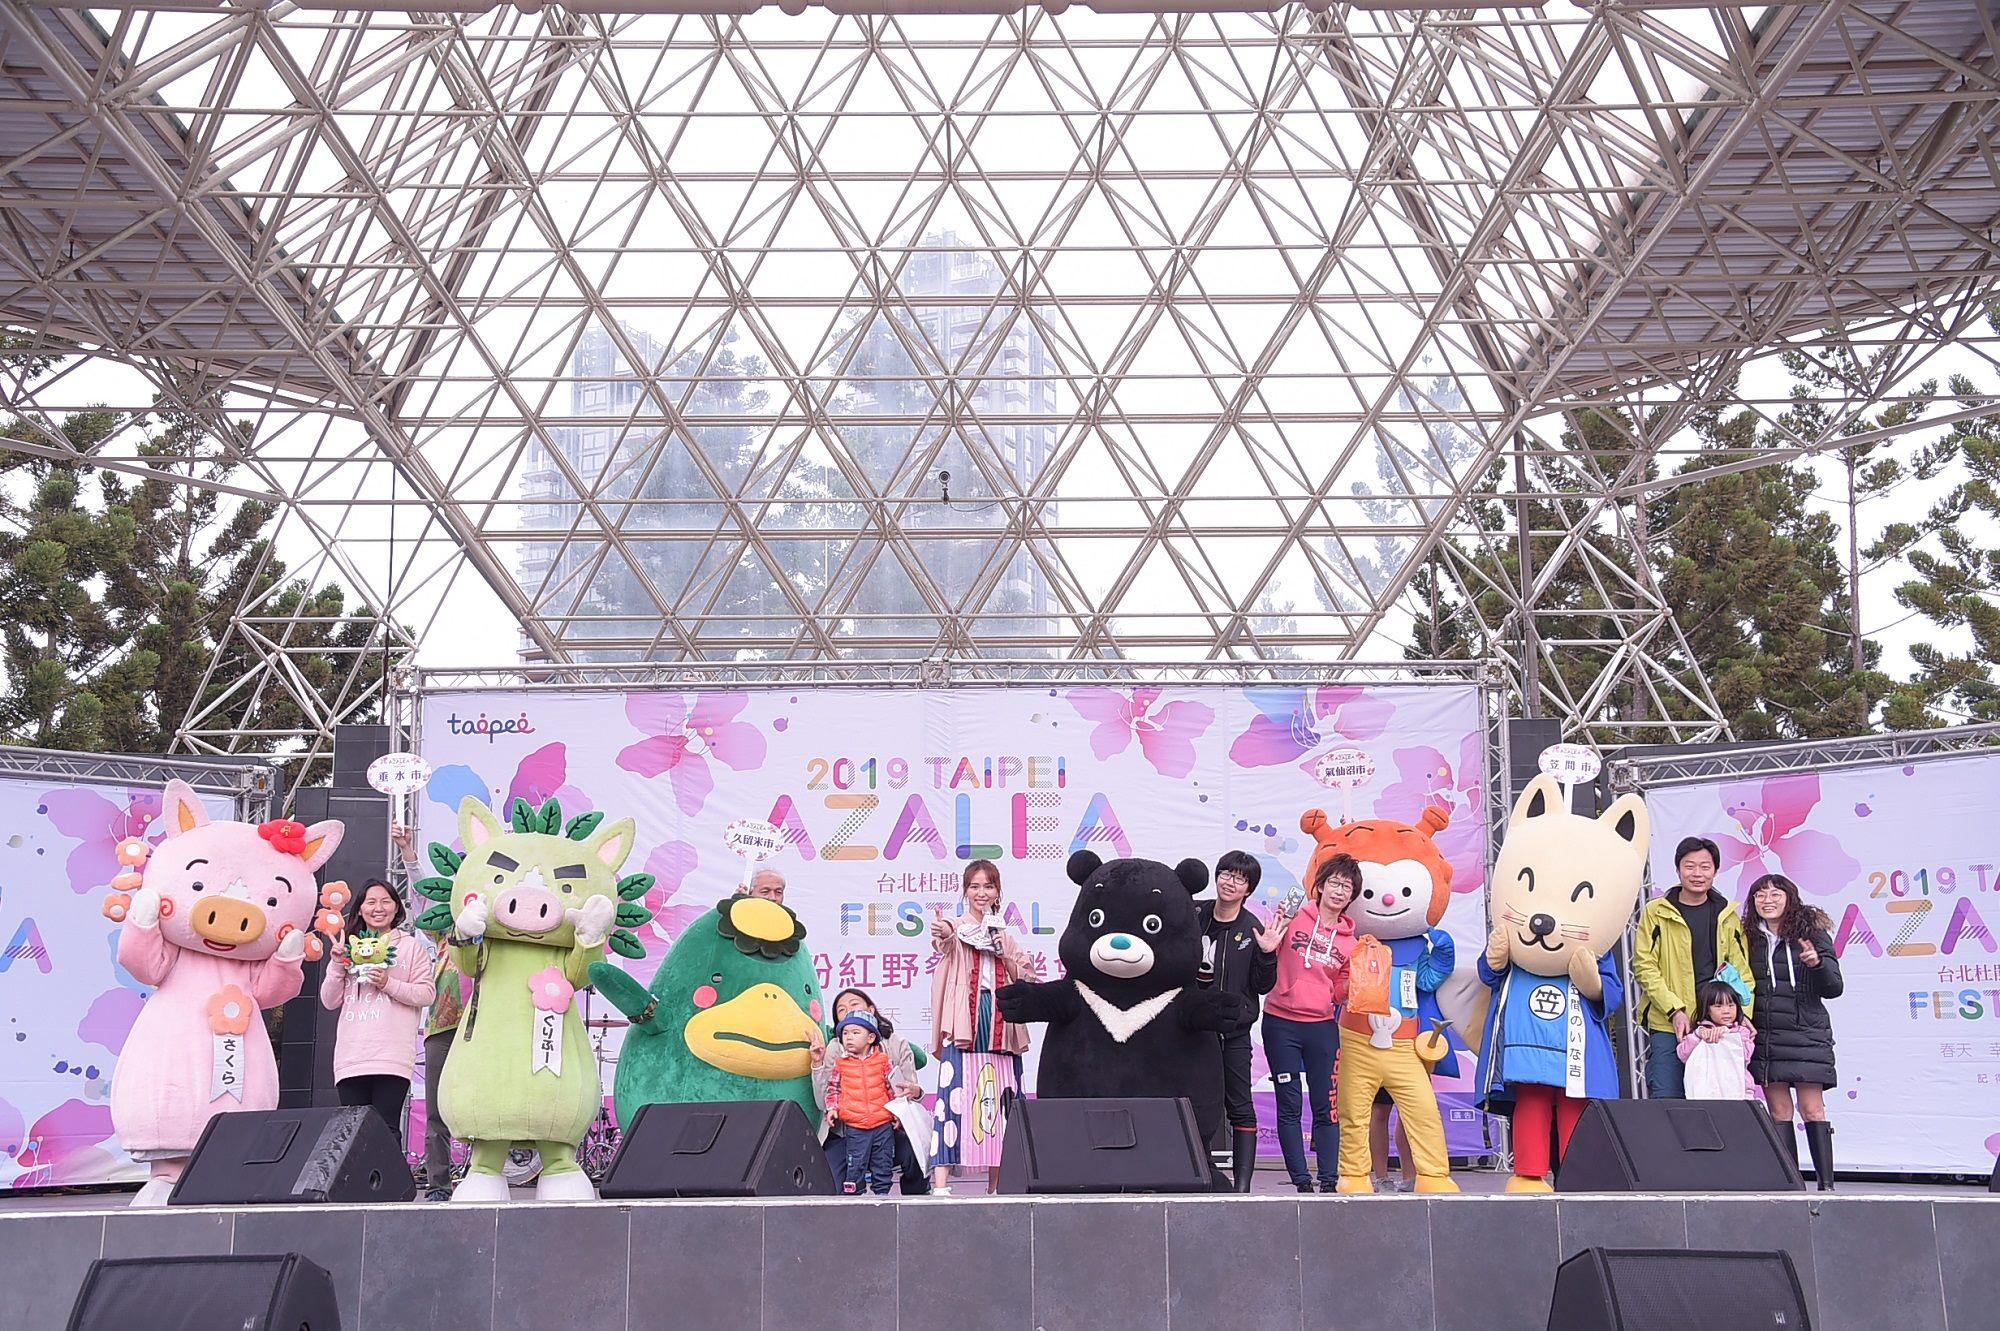 熊讚與杜鵑花友達聯盟成員邀請民眾上台同樂進行計步器比賽,玩得不亦樂乎!